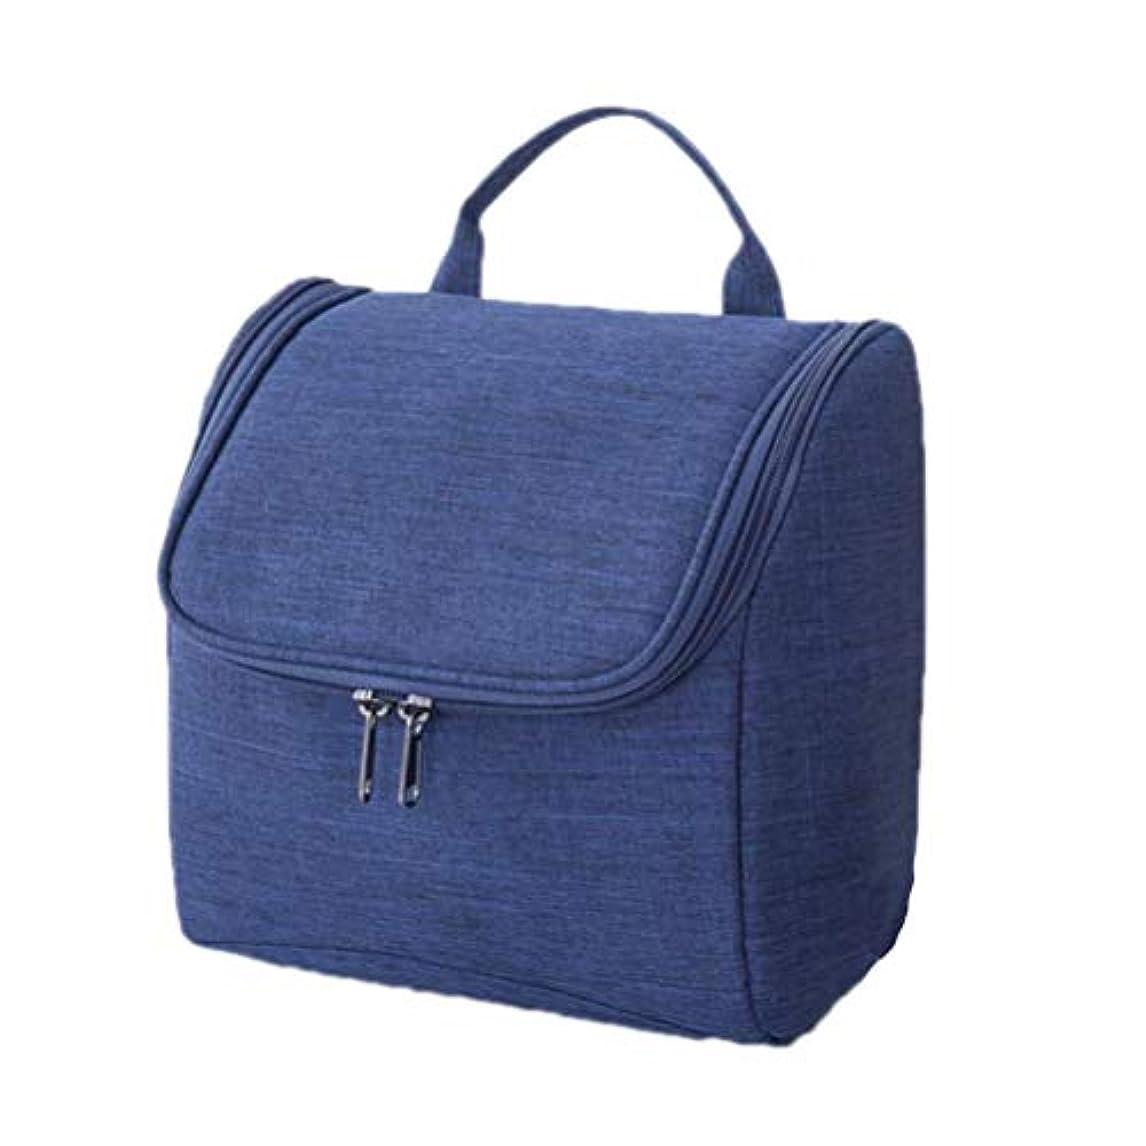 辛いリース噴水COSCO コスメバッグ トラベルポーチ 化粧ポーチ 旅行バッグ 洗面用具入れ 収納バッグ フック付き 吊り下げ